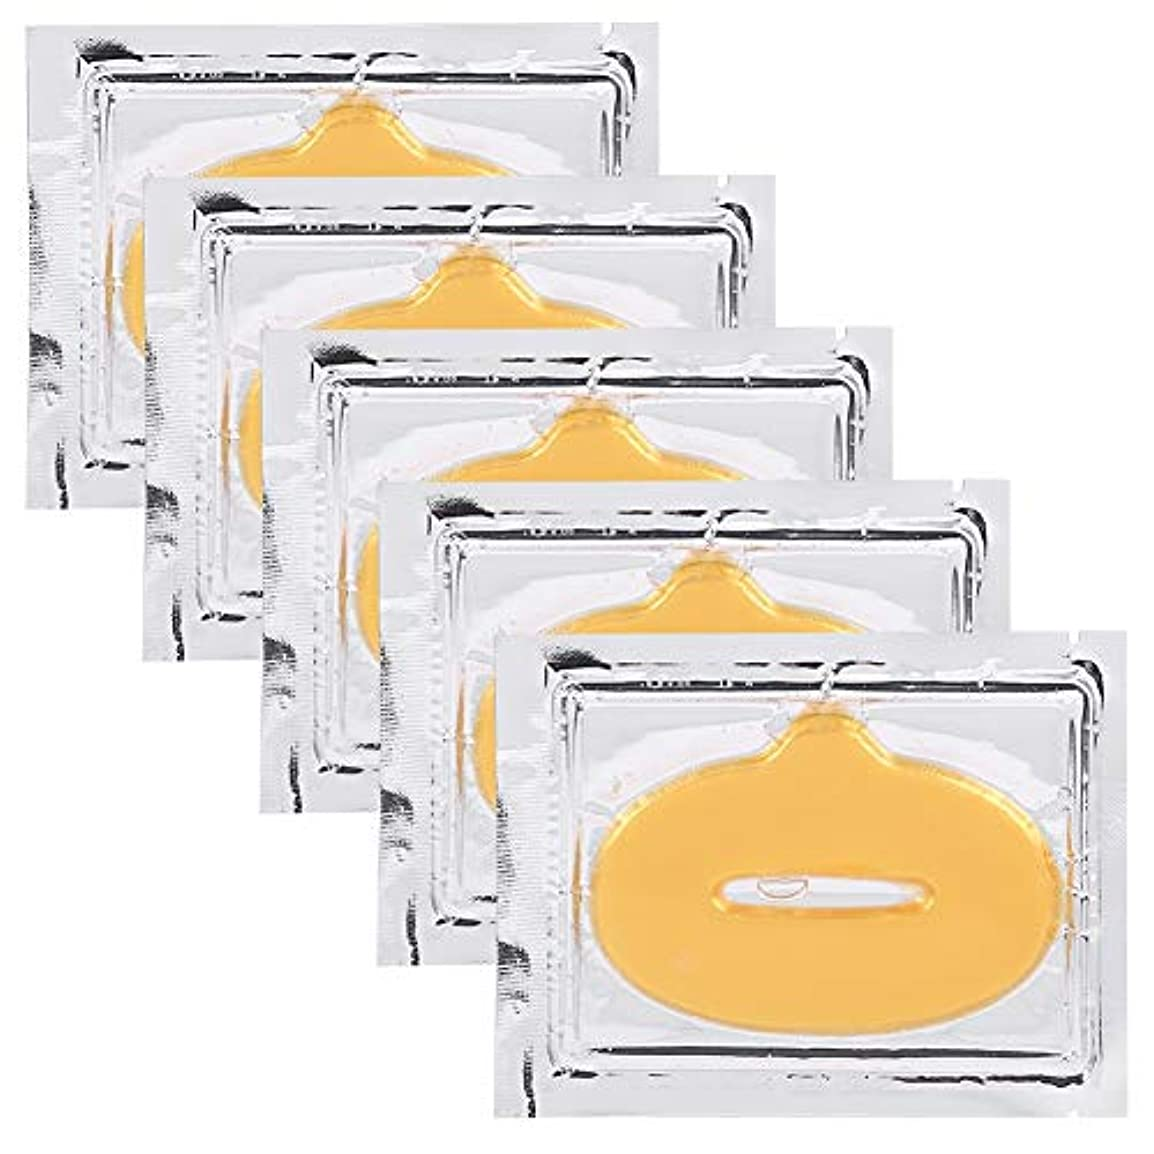 叱る解放する胸コラーゲンリップマスク リップ、リップモイスチャー5個/セットコラーゲンクリスタルリップフィルムカバーアンチエイジングモイスチャーエッセンス剥離メンブレン